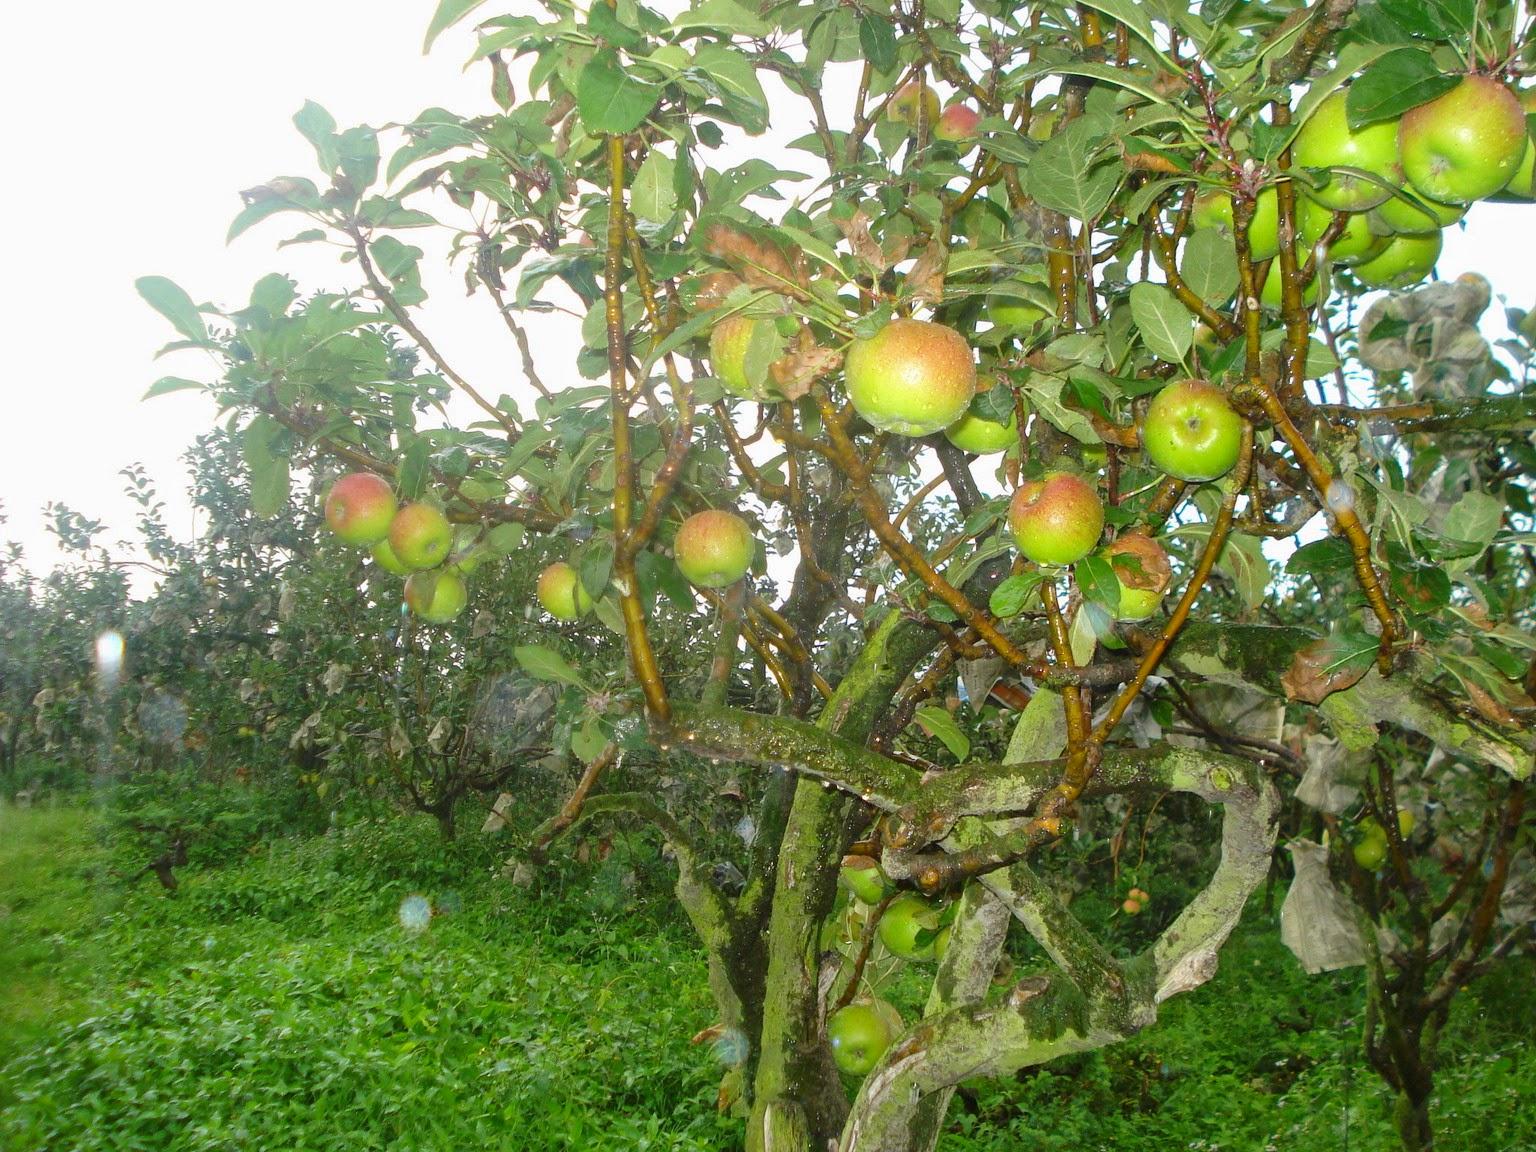 Tanaman obat untuk kencing manis sakit gula diabetes melitus Apel